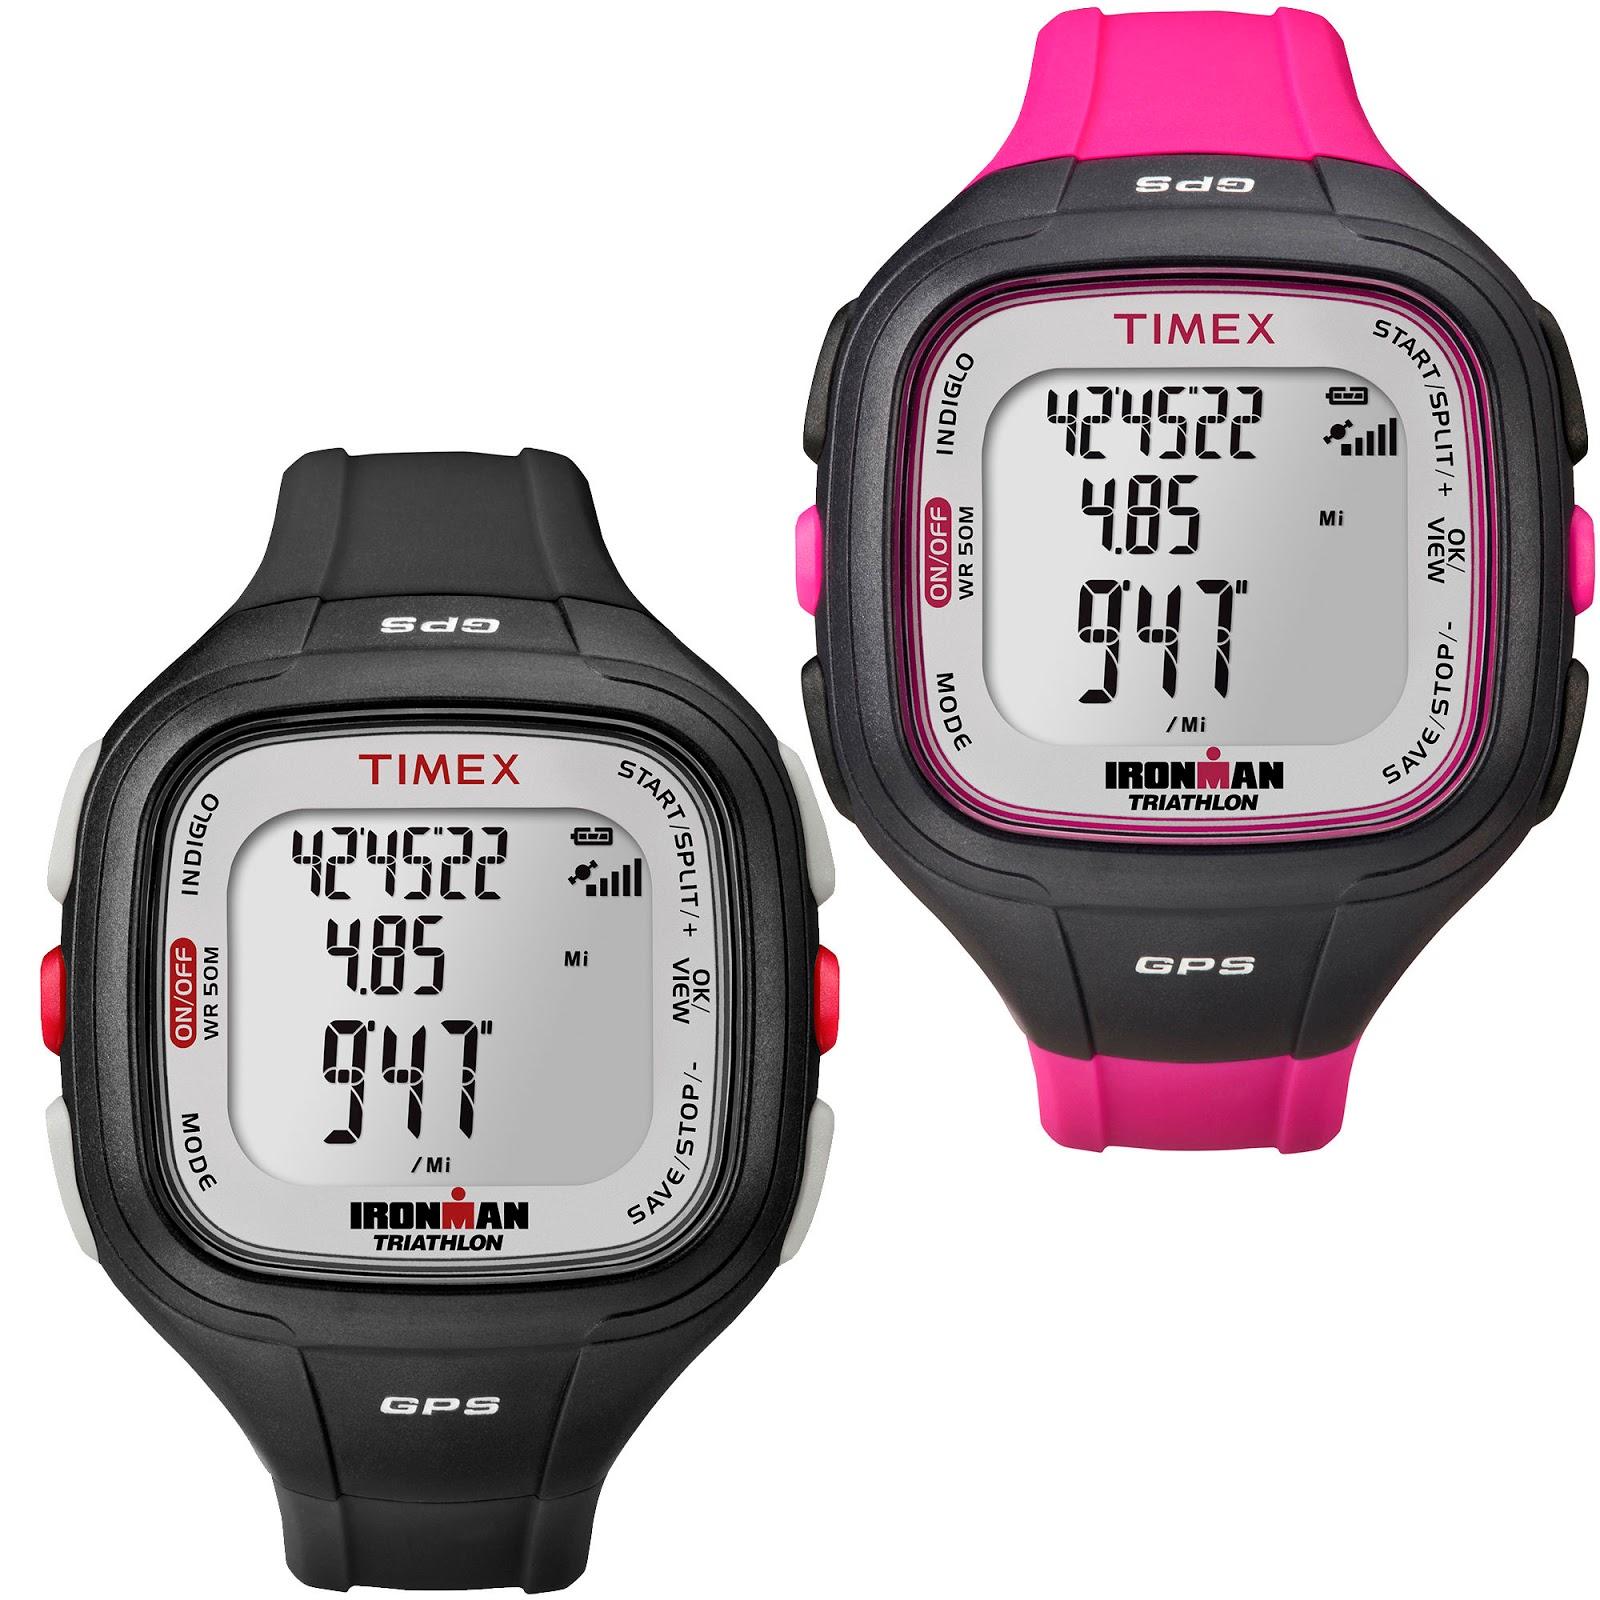 f141d0ec1c3f El nuevo Timex Ironman Easy Trainer GPS es una buena opción para los que  busquen un reloj GPS a buen precio (P.V.P  106 € en Wiggle).